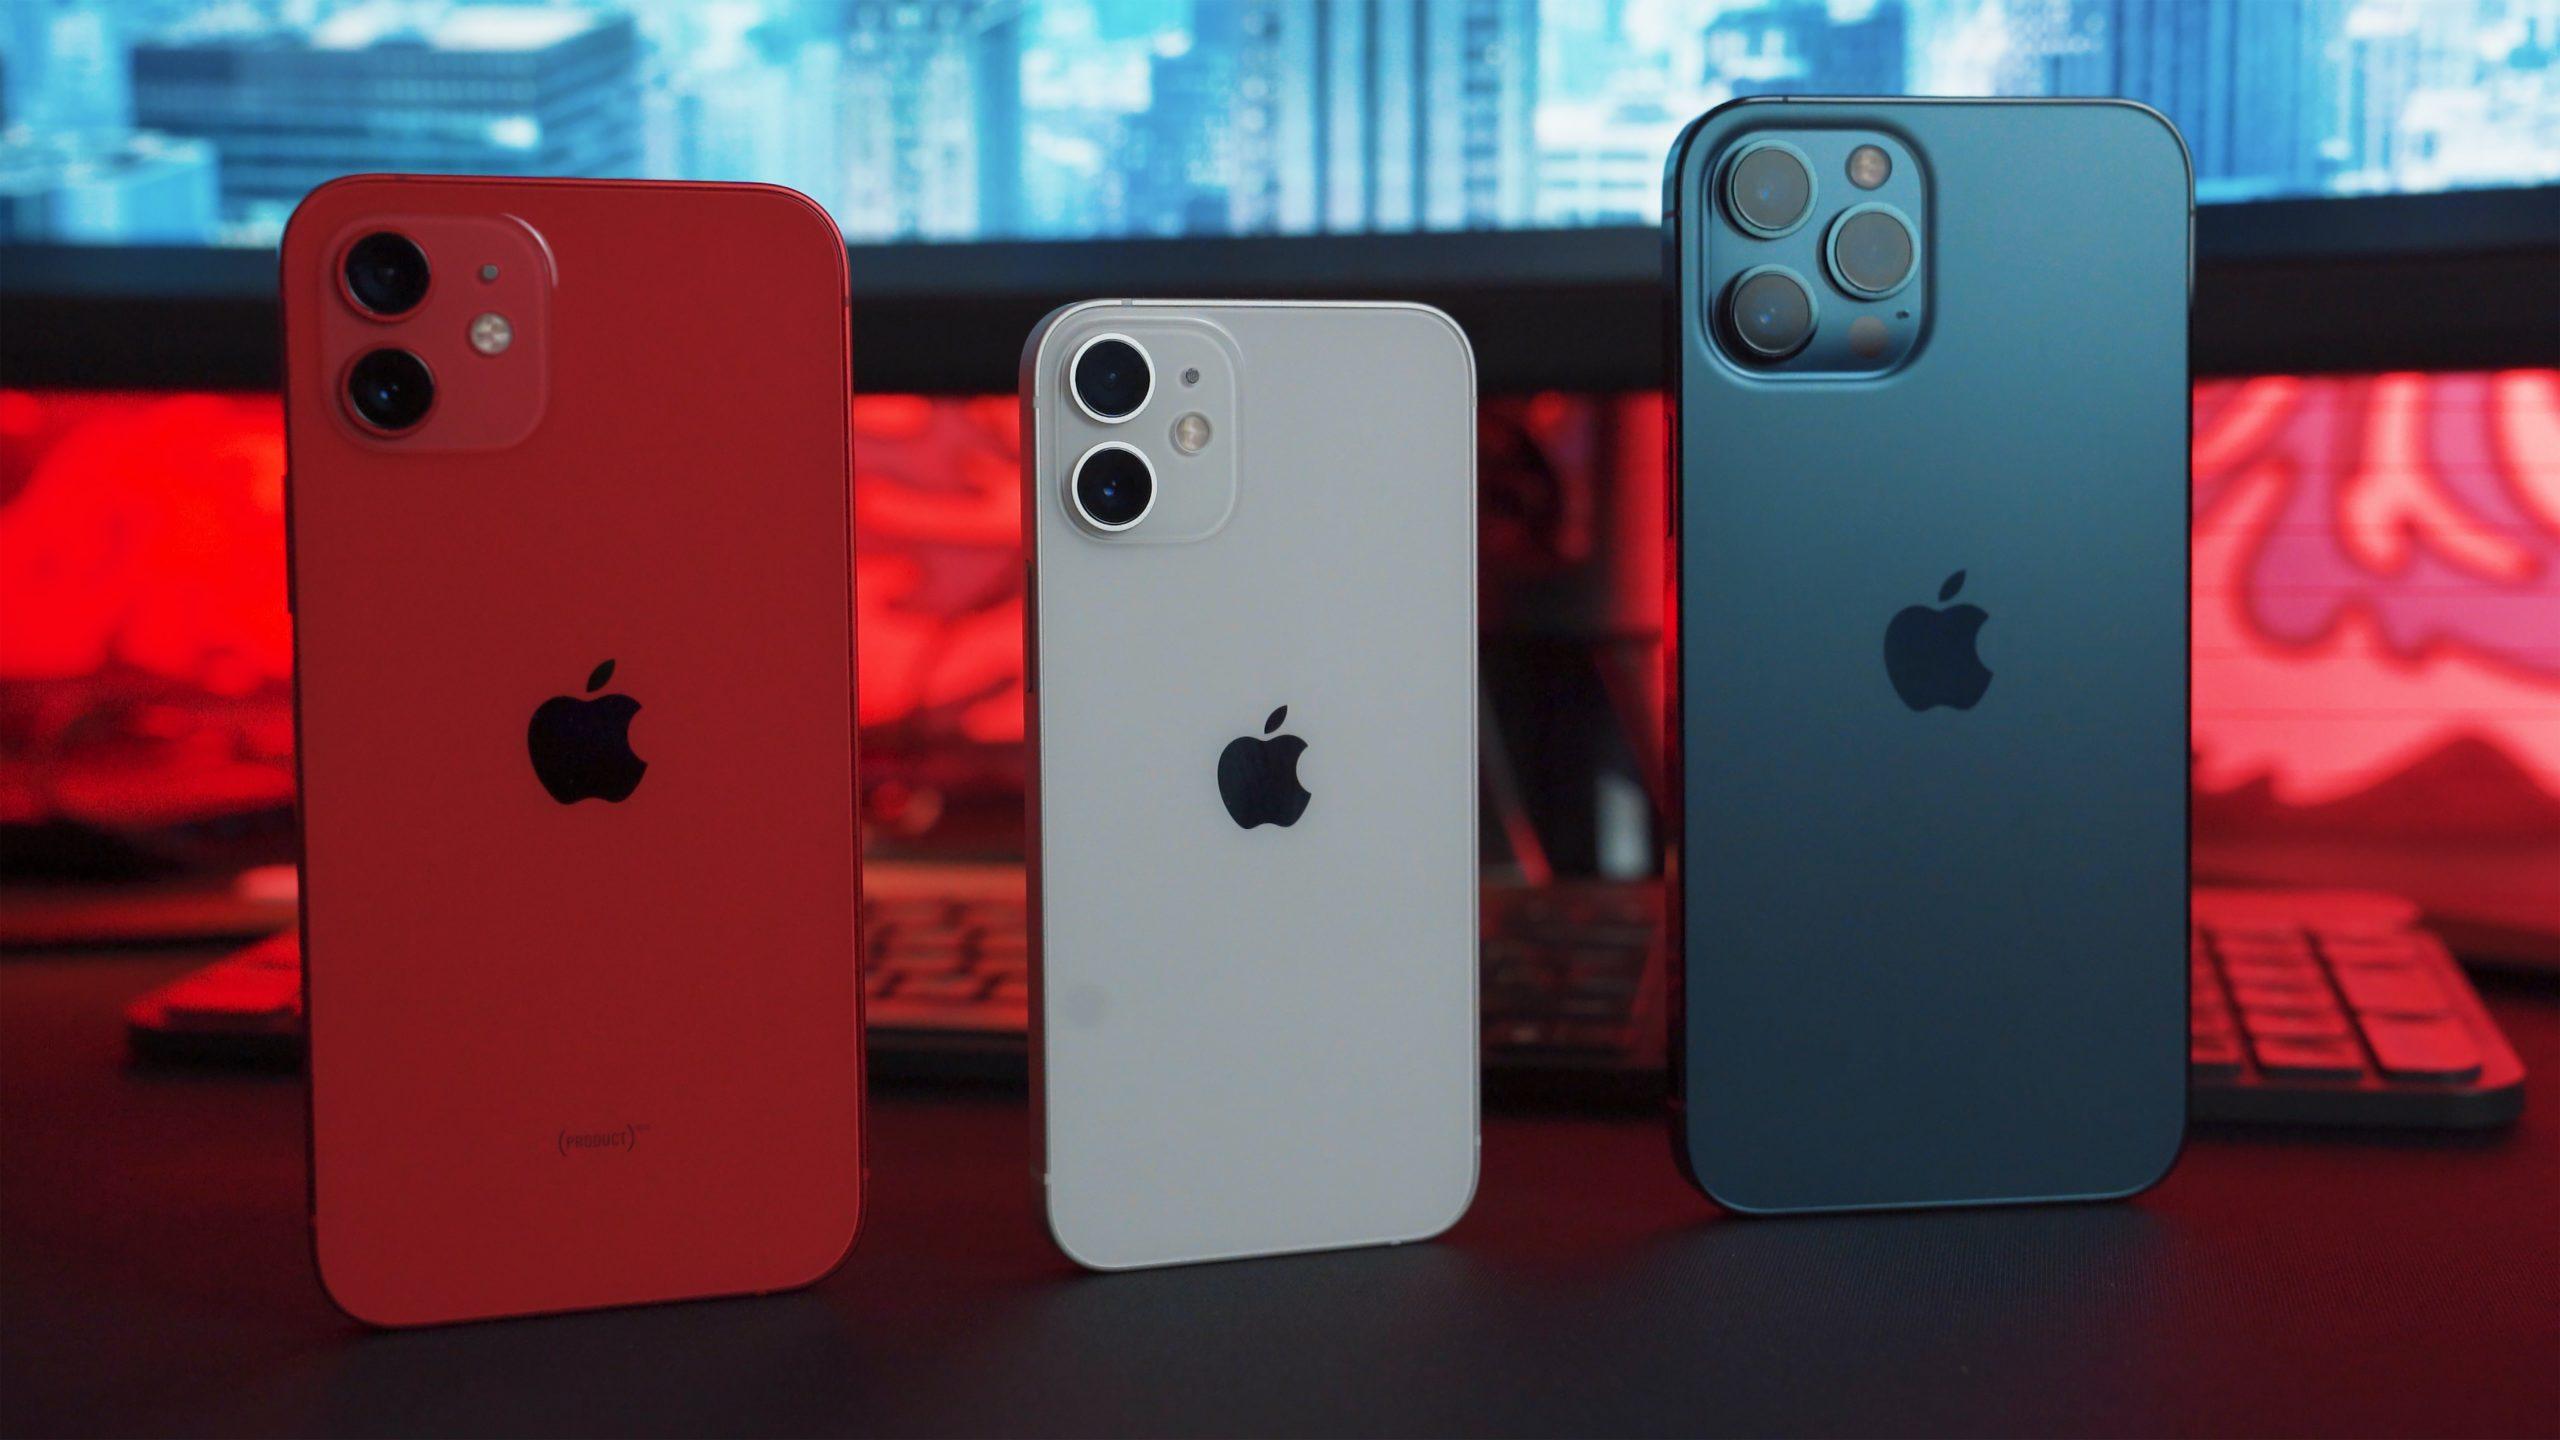 Credi2-Wiener-Fintech-bringt-mit-Apple-Abomodell-auch-nach-sterreich